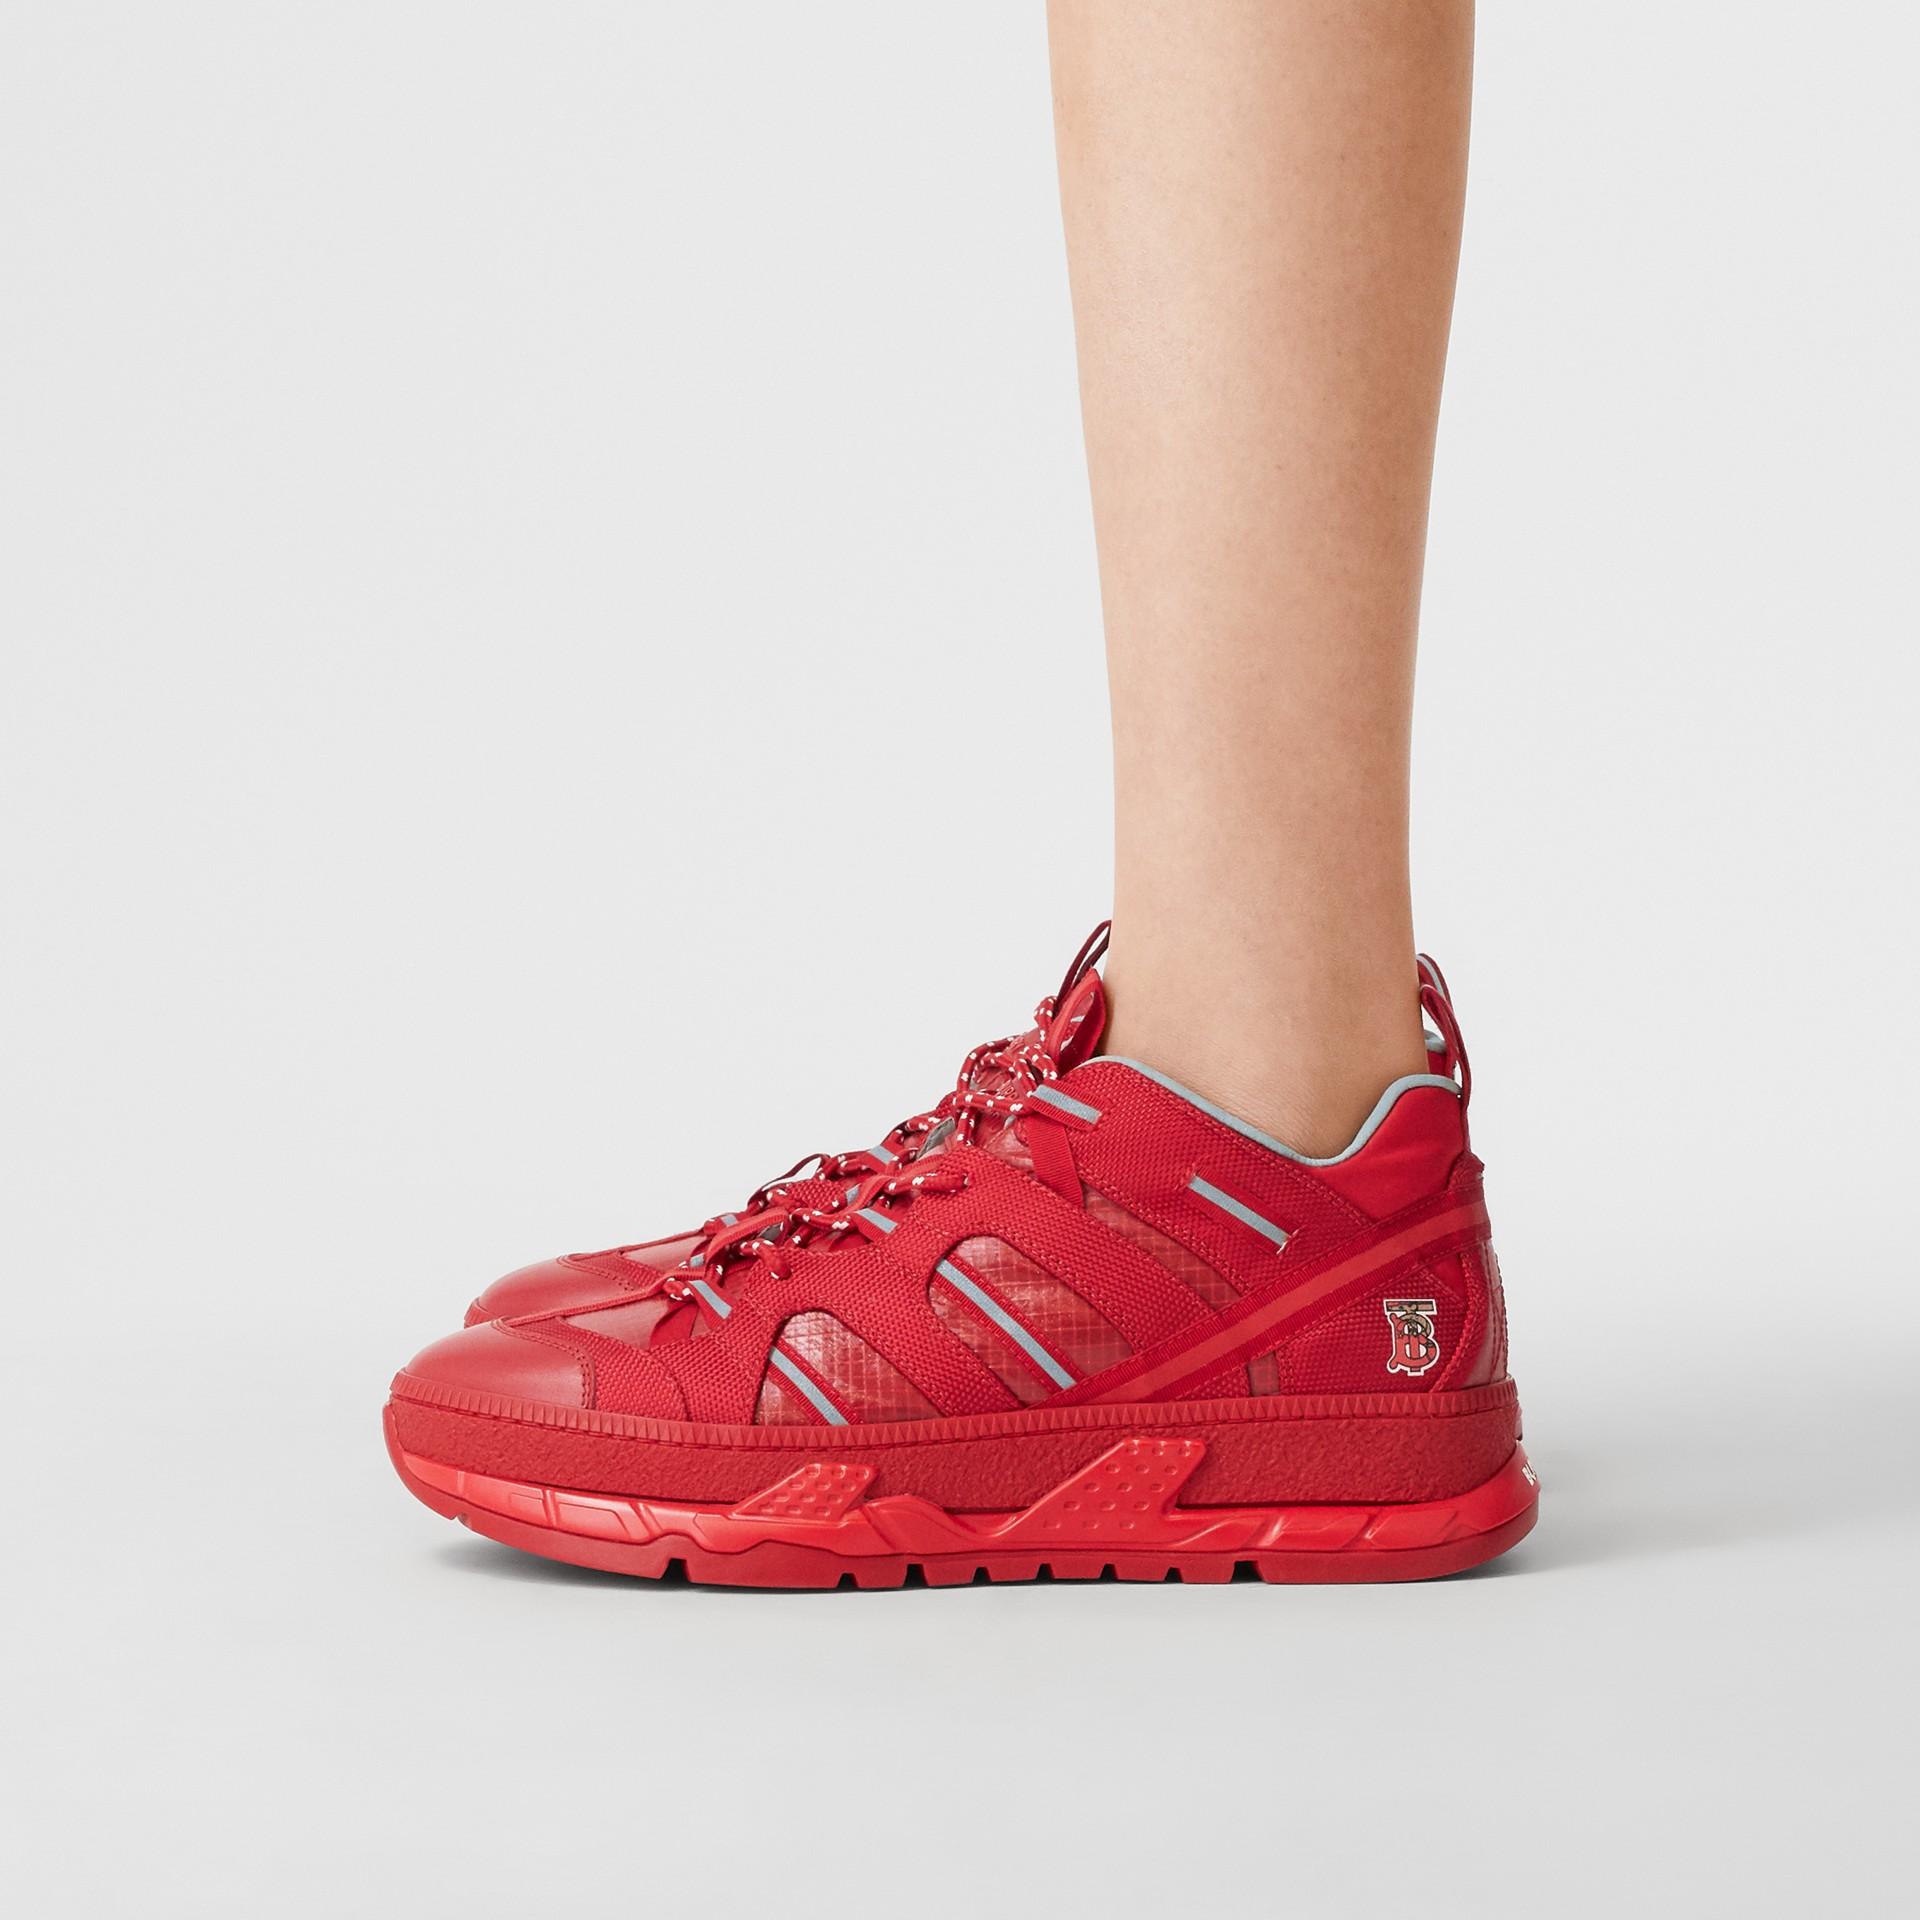 尼龍和皮革 Union 運動鞋 (亮紅色) - 女款   Burberry - 圖庫照片 2